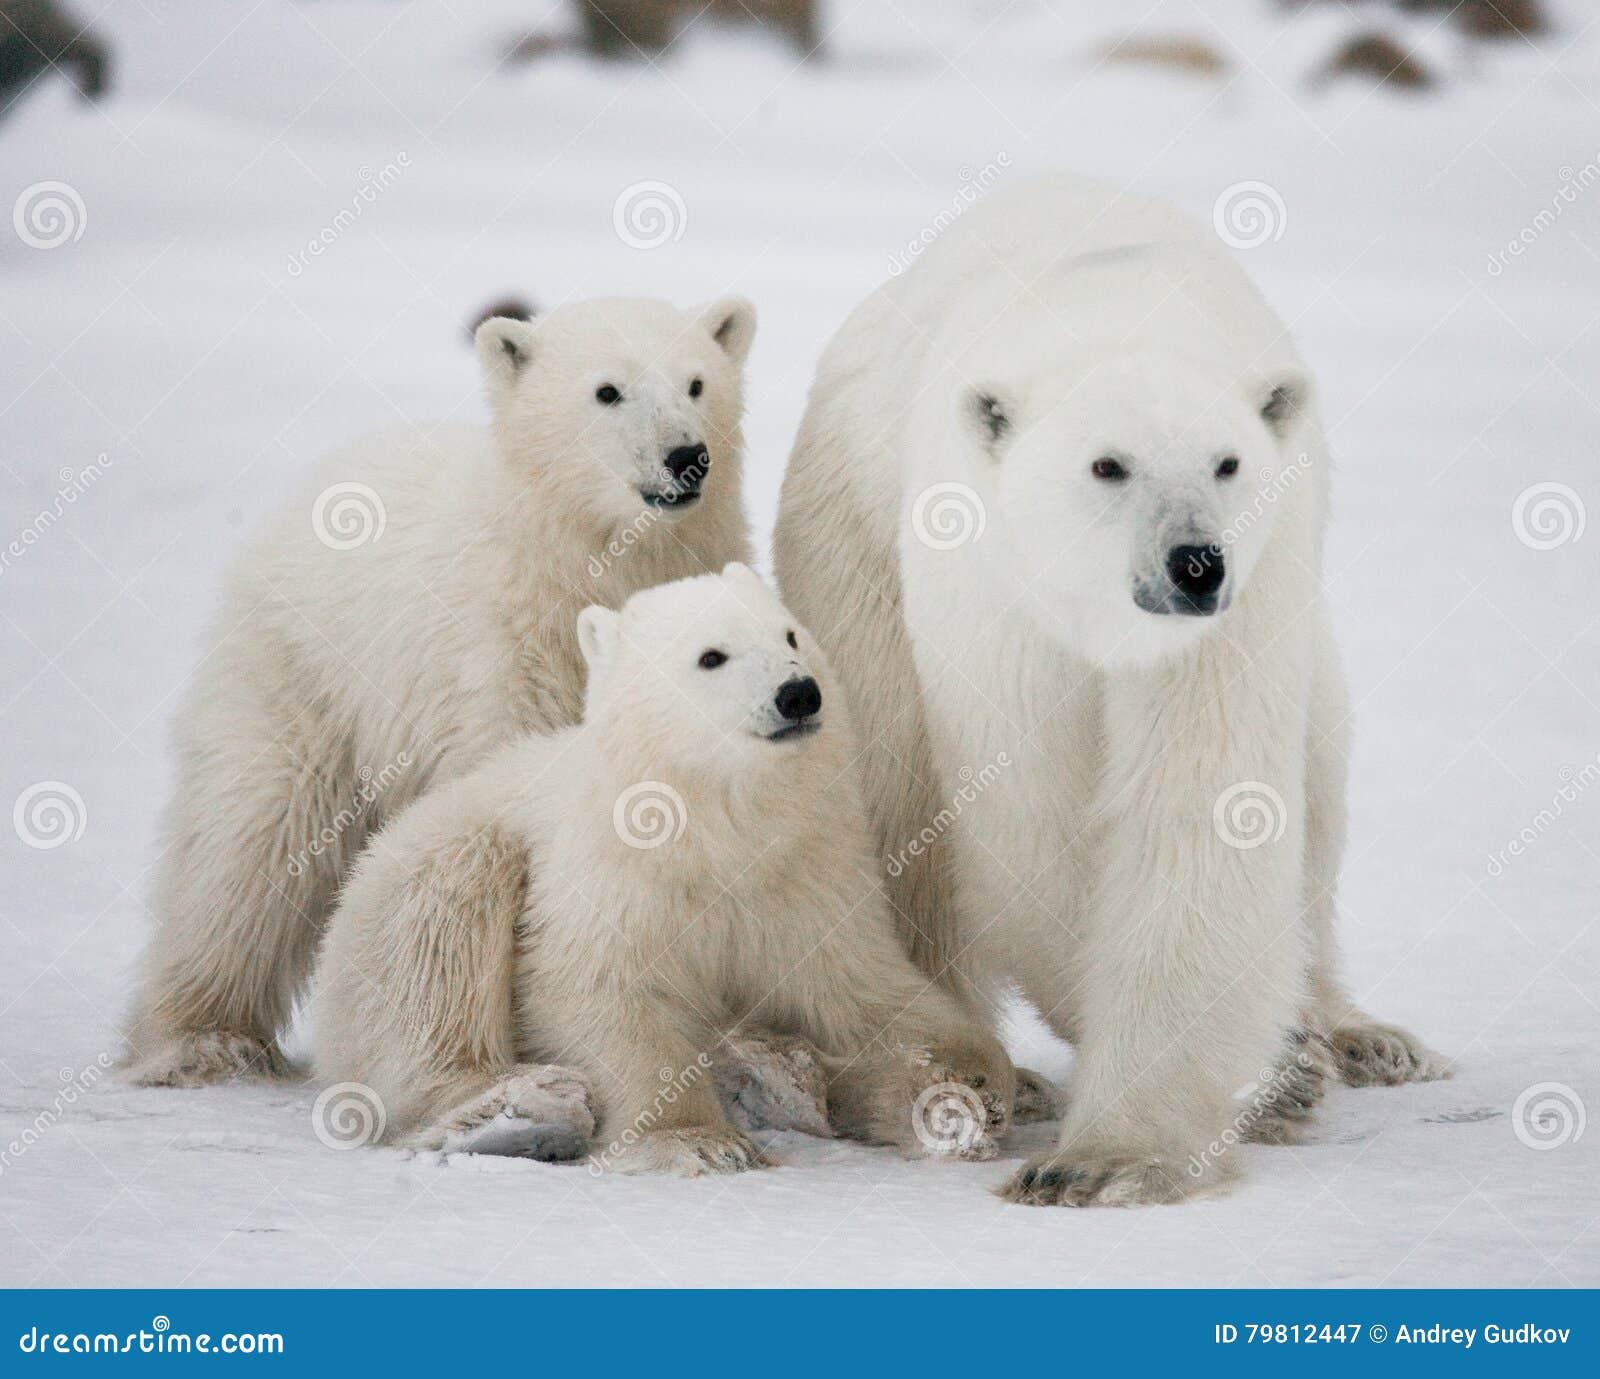 ours blanc avec petits animaux dans la toundra canada image stock image du froid faune 79812447. Black Bedroom Furniture Sets. Home Design Ideas